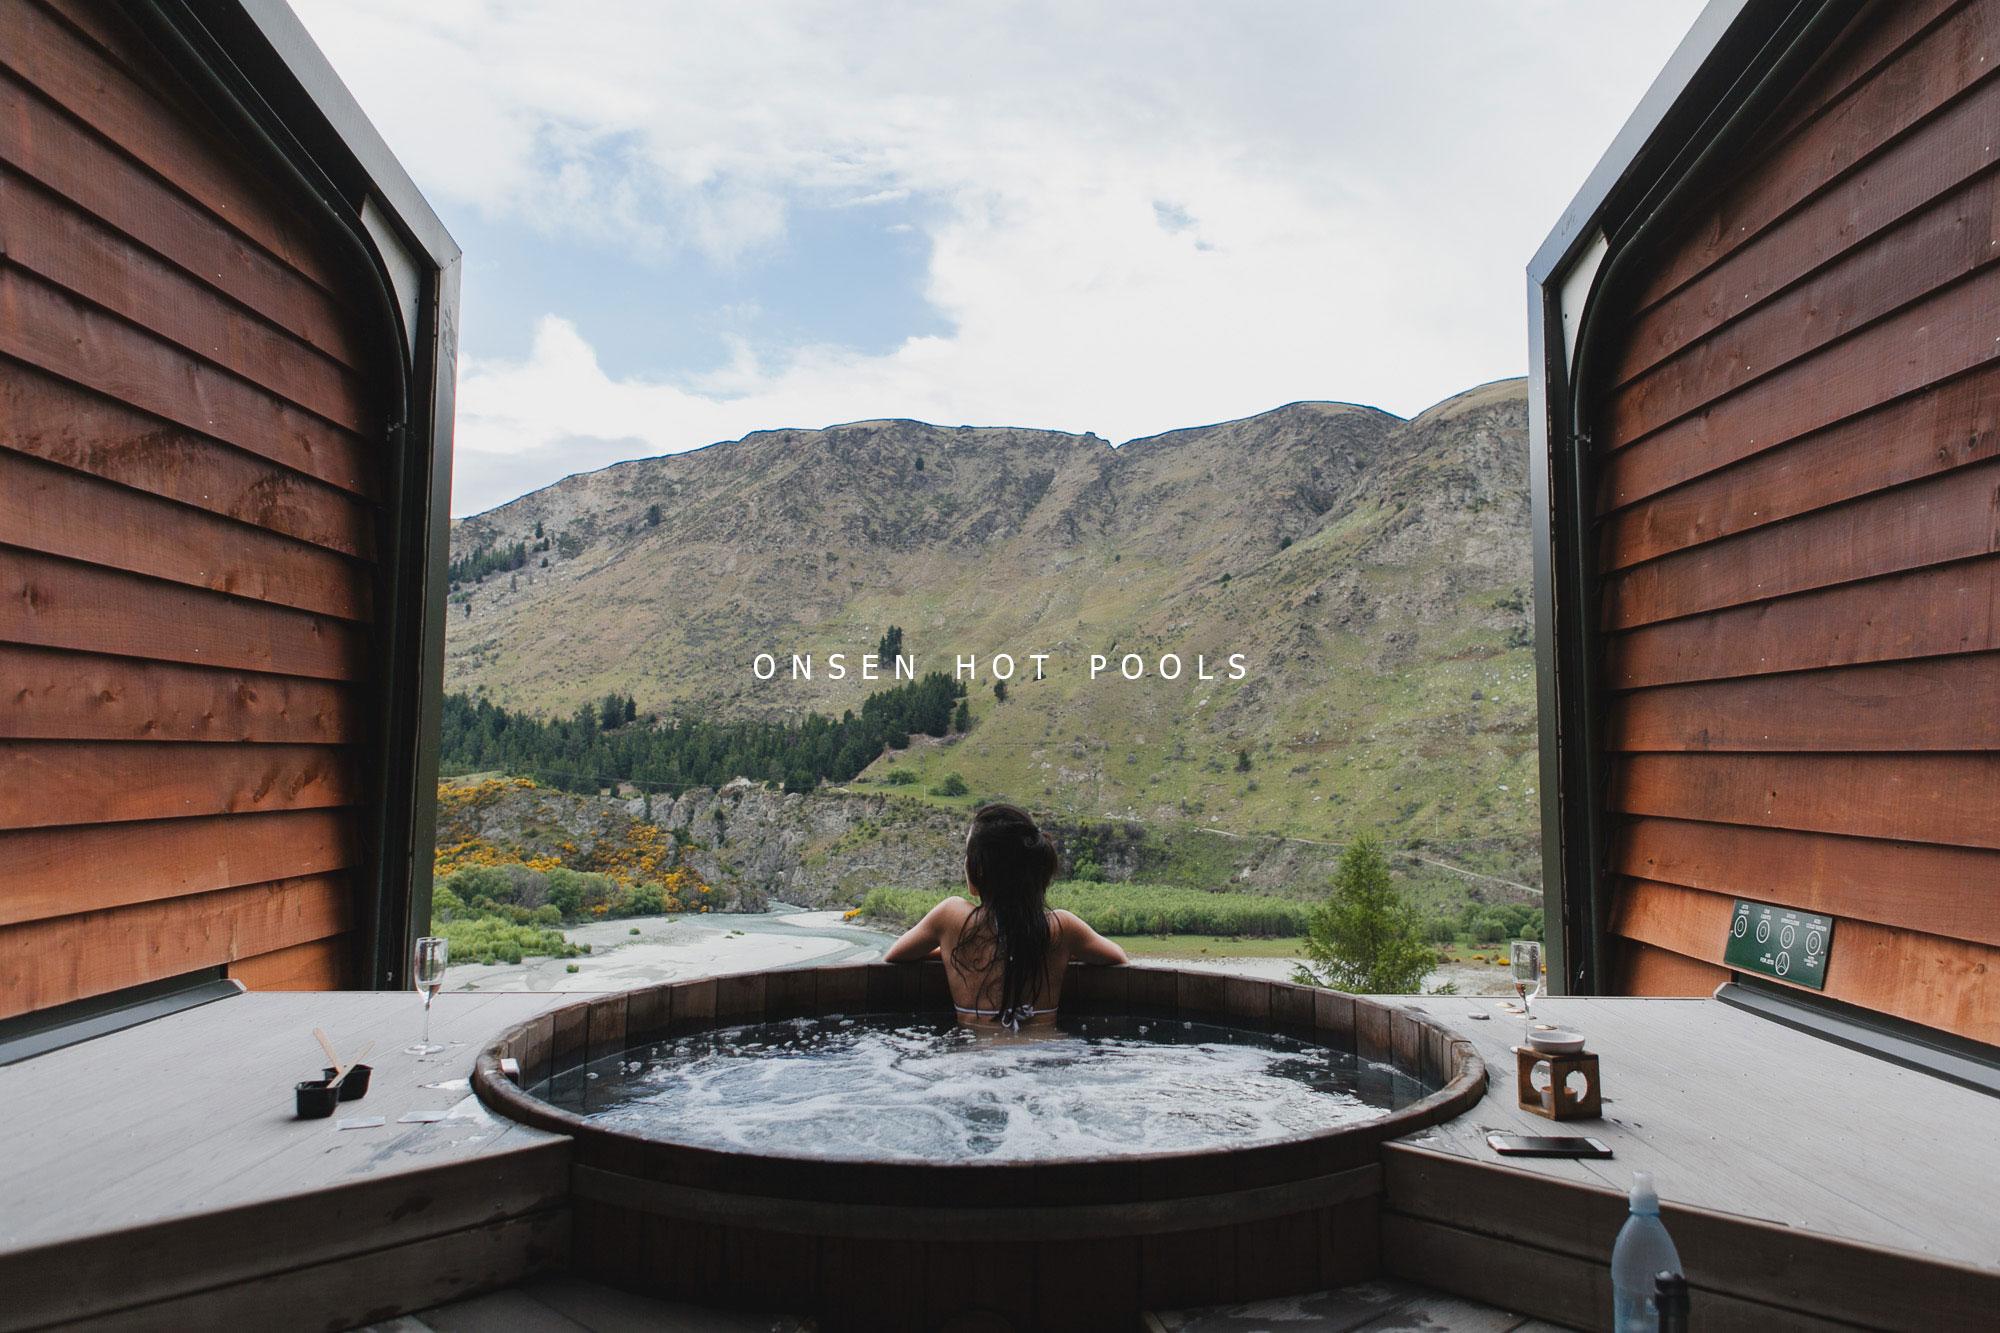 onsen-hot-pools-new-zealand-jysla-kay-001.jpg